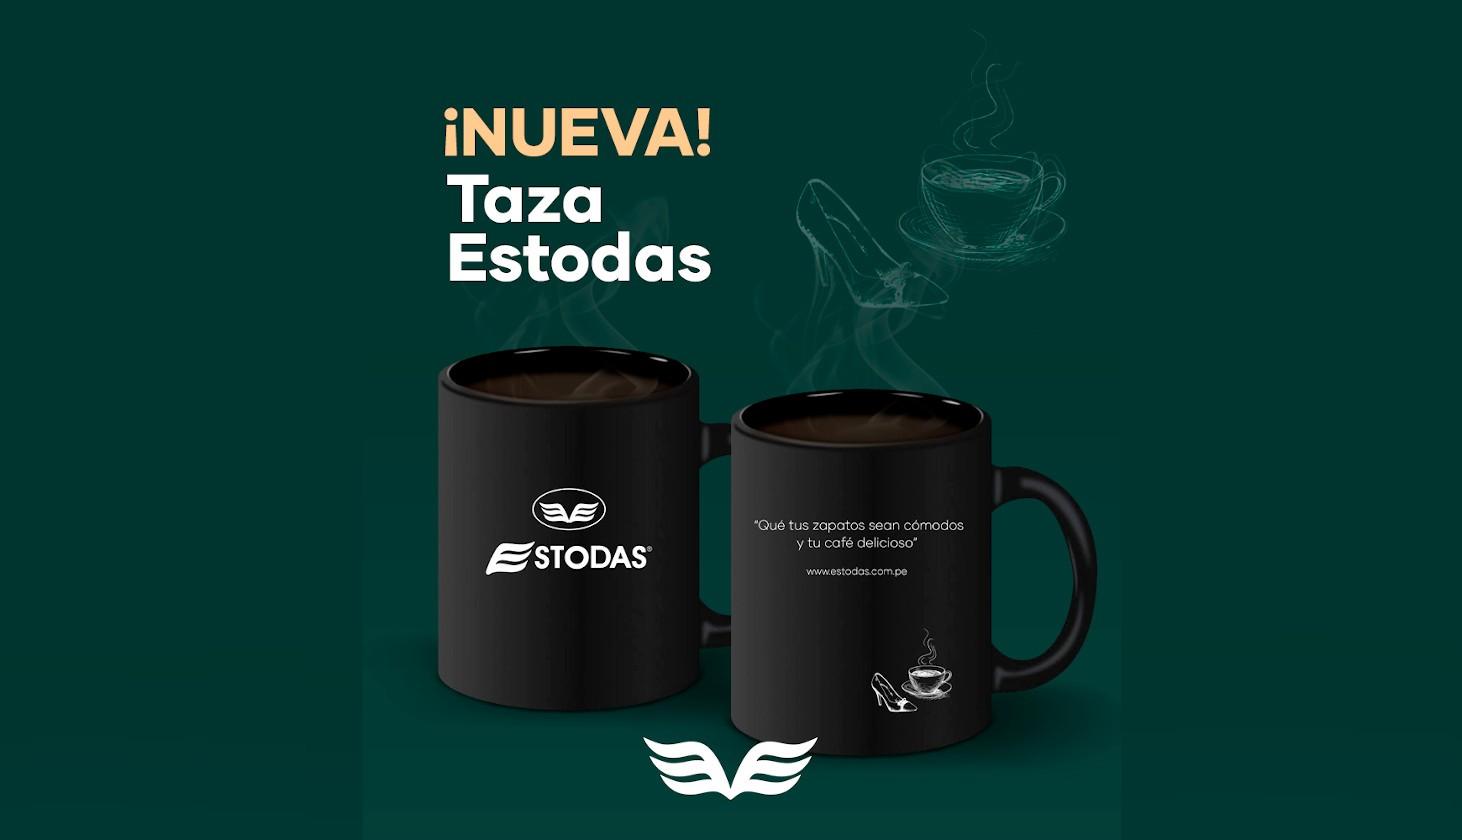 Merchandising - Taza Estodas